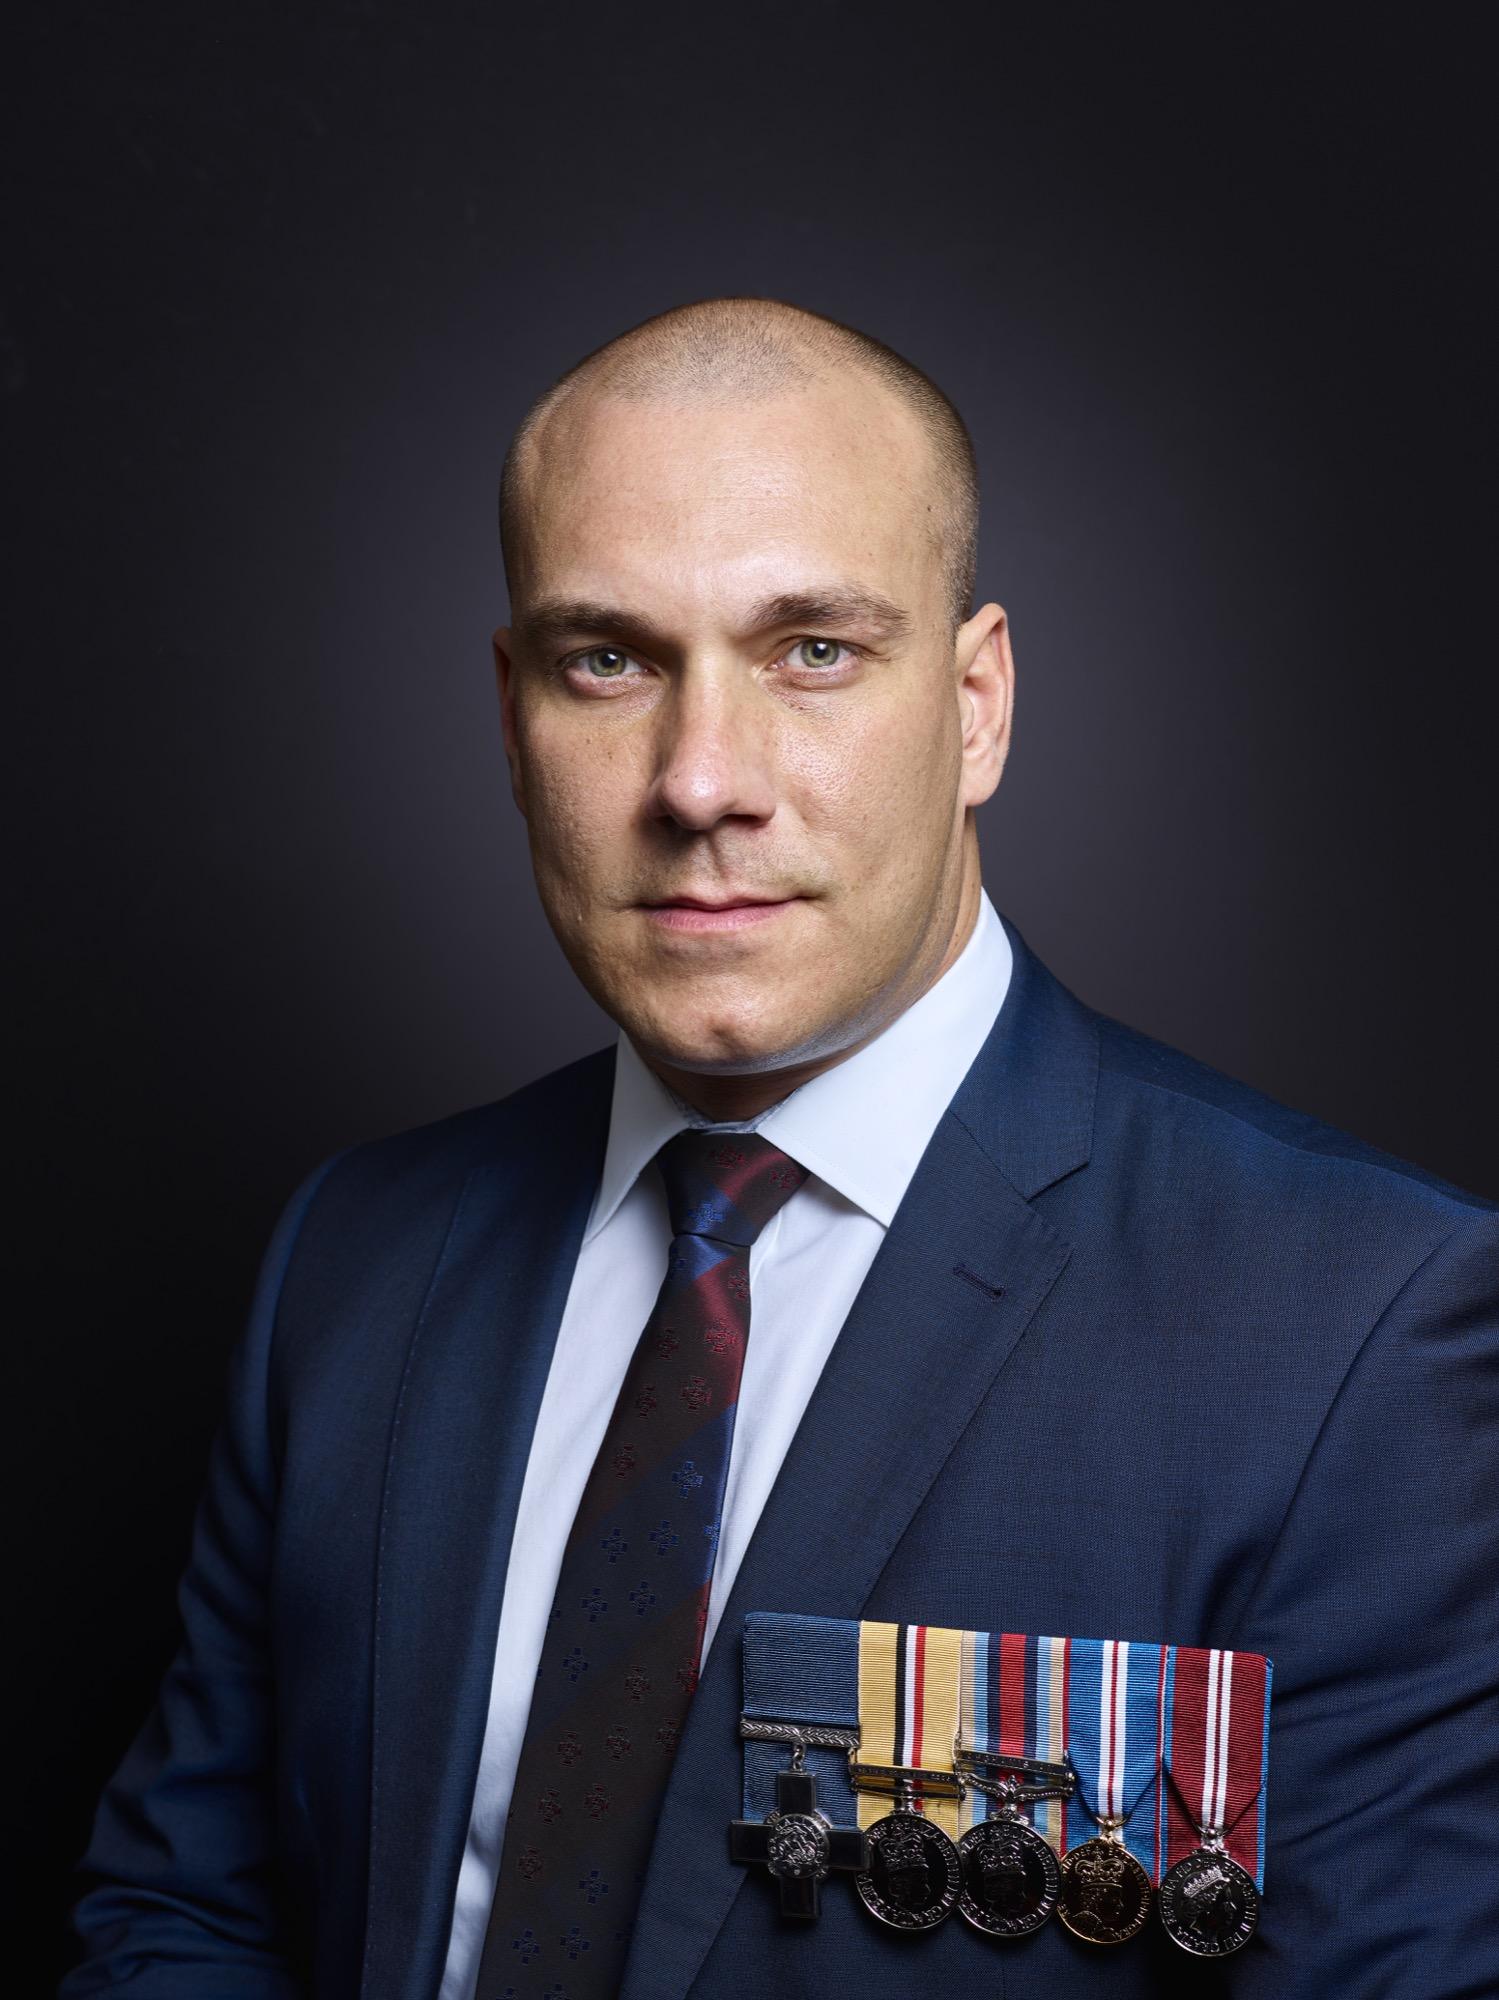 Lance Corporal Matthew Croucher GC VR .jpg